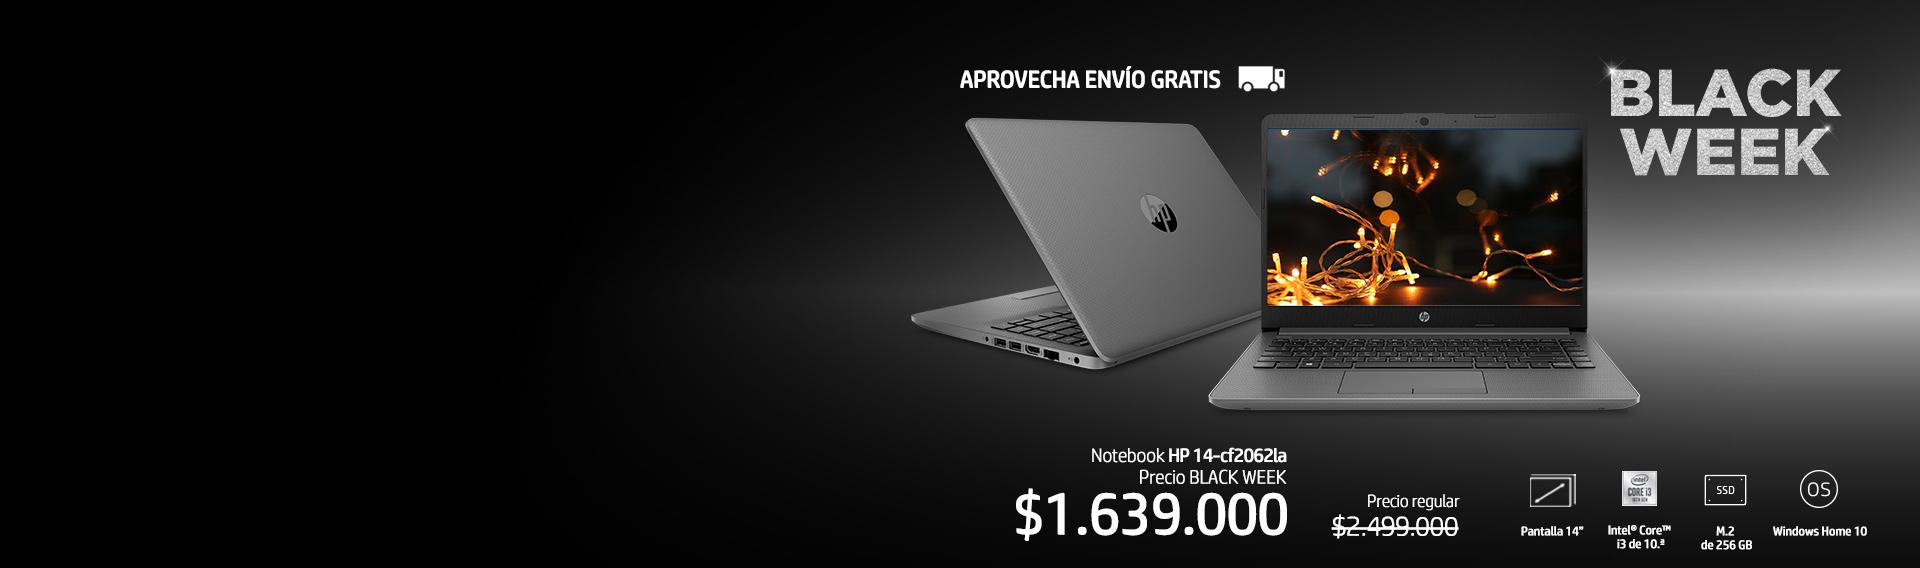 Notebook HP 14-cf2062la ahorra 34%* + 10%** adicional con cupón: BLACKHP